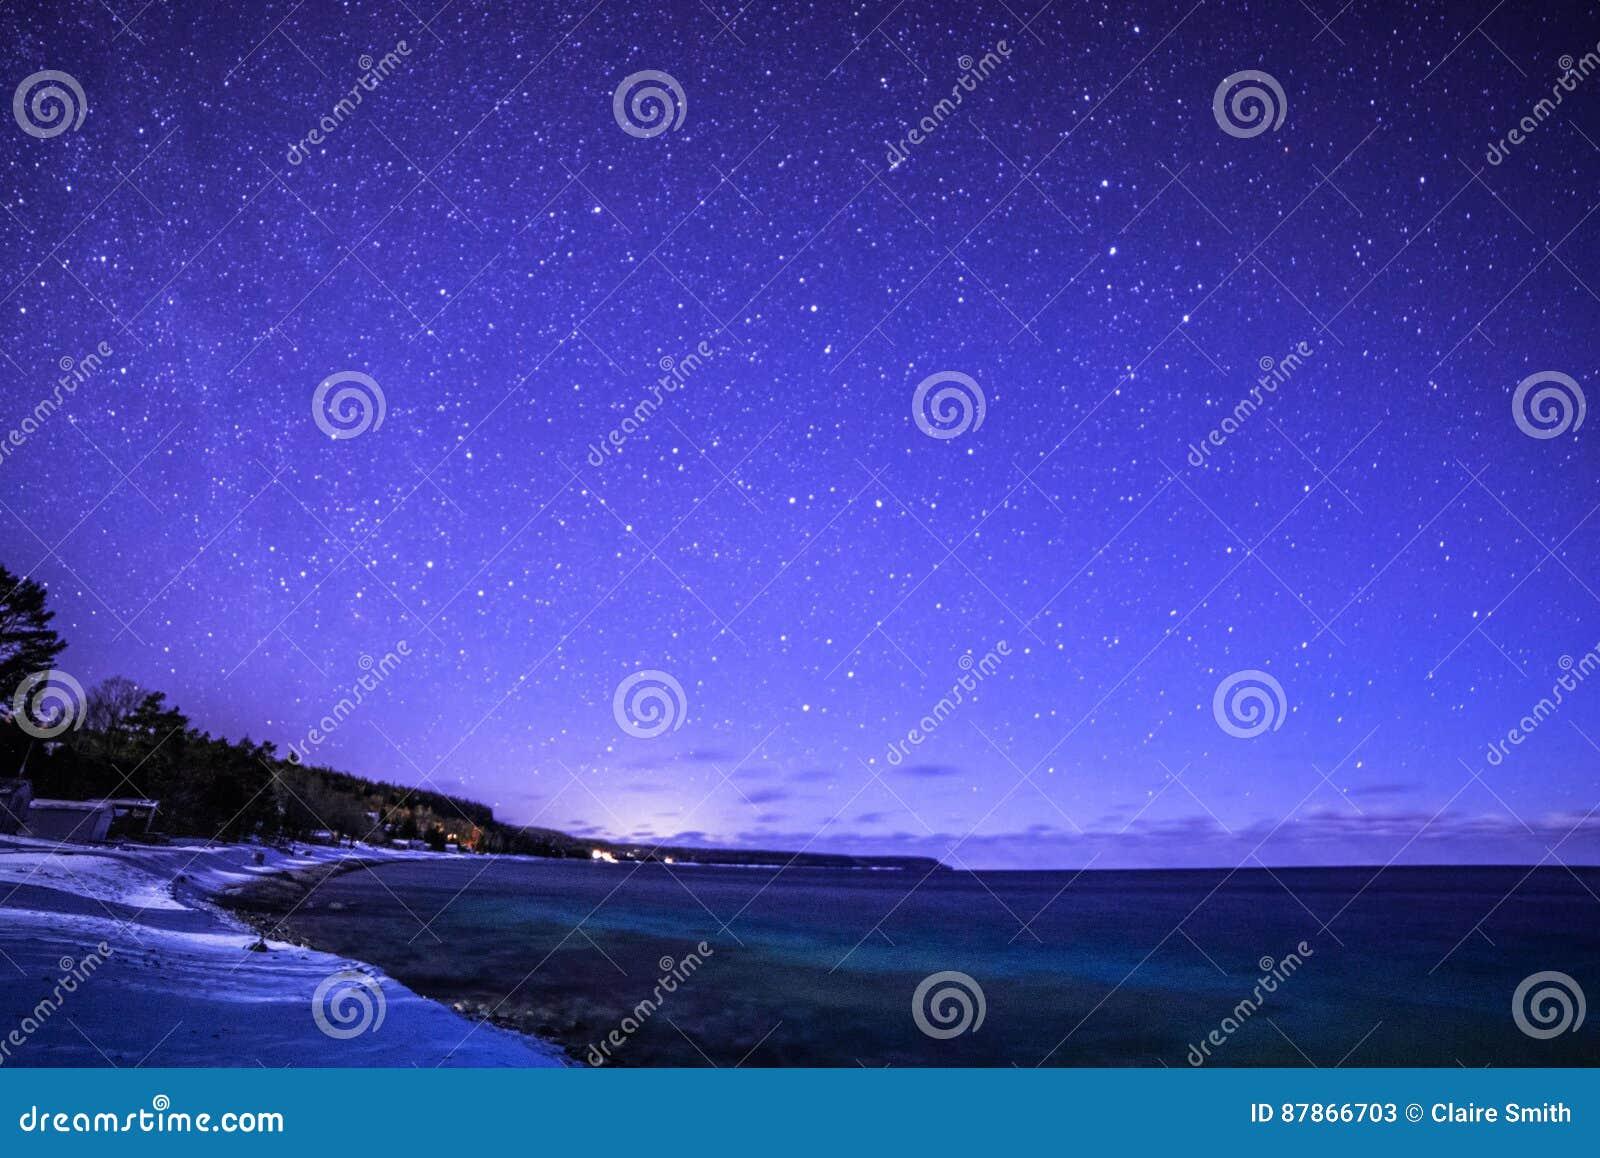 Κόλπος Dyers, χερσόνησος του Bruce στη νύχτα με το γαλακτώδη τρόπο και αστέρι